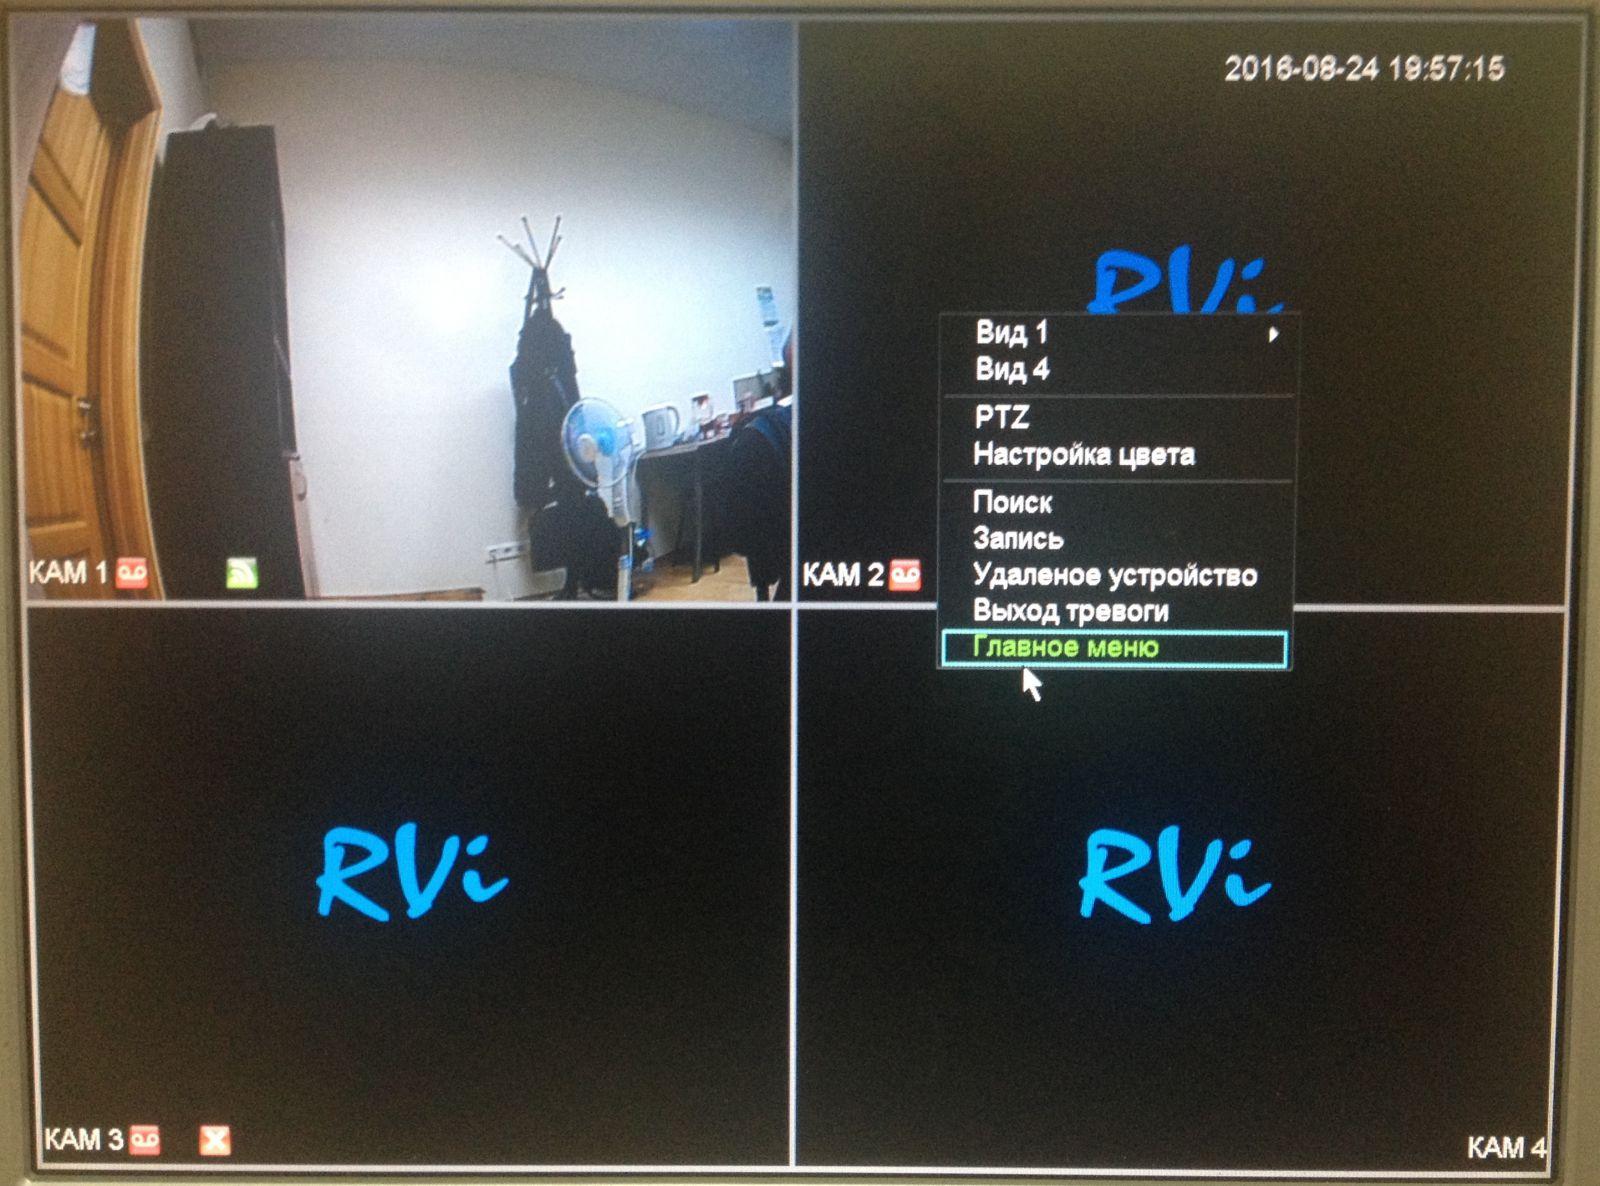 Комплект видеонаблюдения falcon eye fe-104ahd-kit отзывы